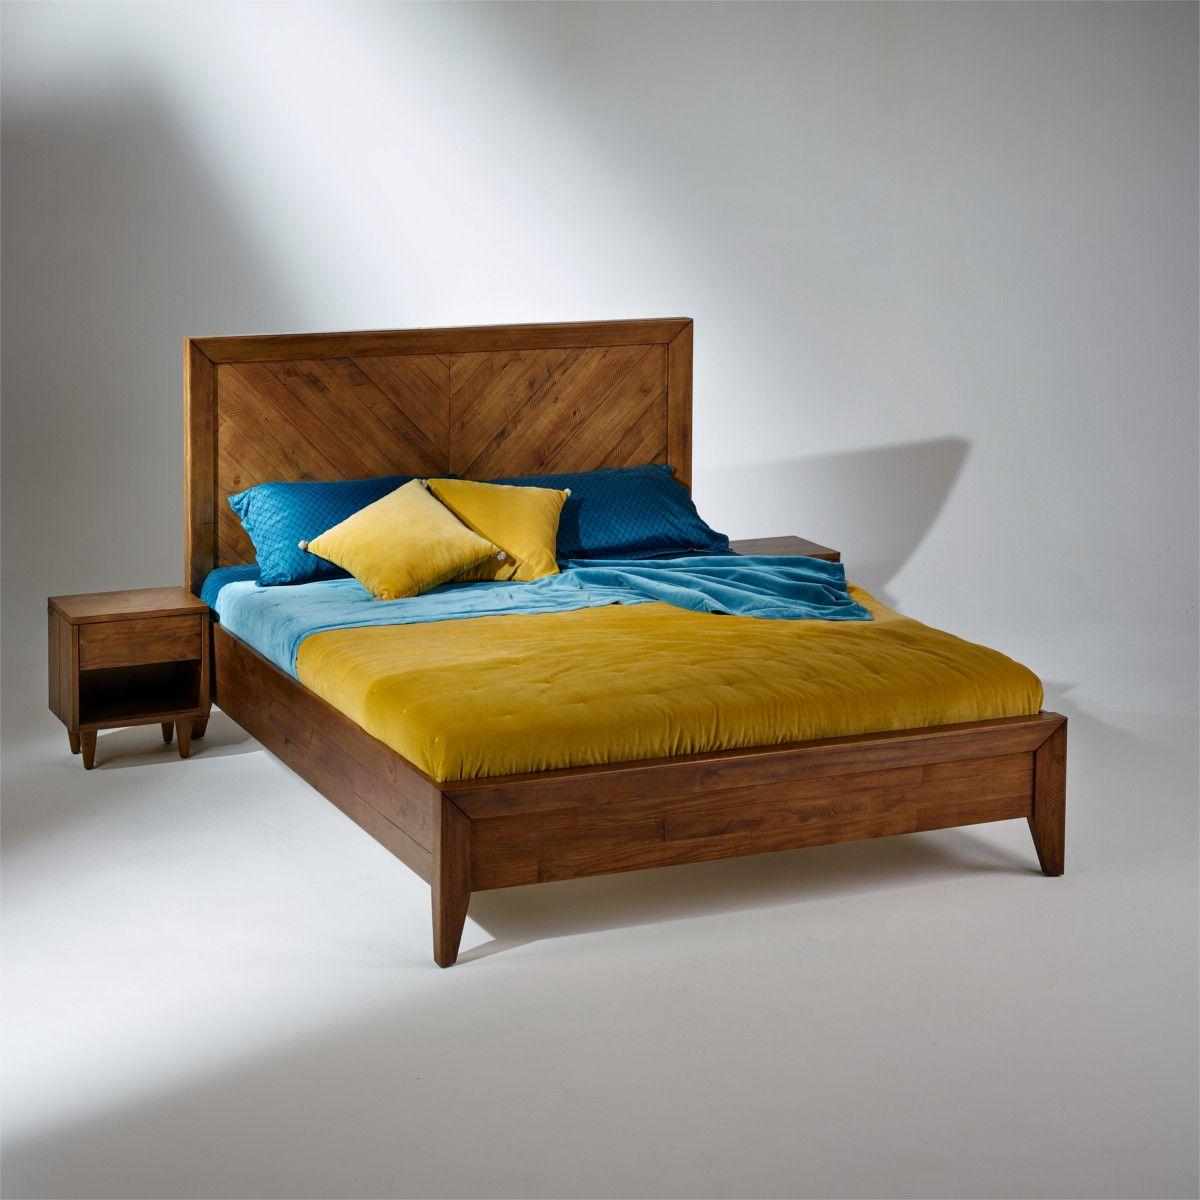 Lit Double Bradley En Bois Massif Sommier 160 X 200 Cm Home Deco Home Decor Bed